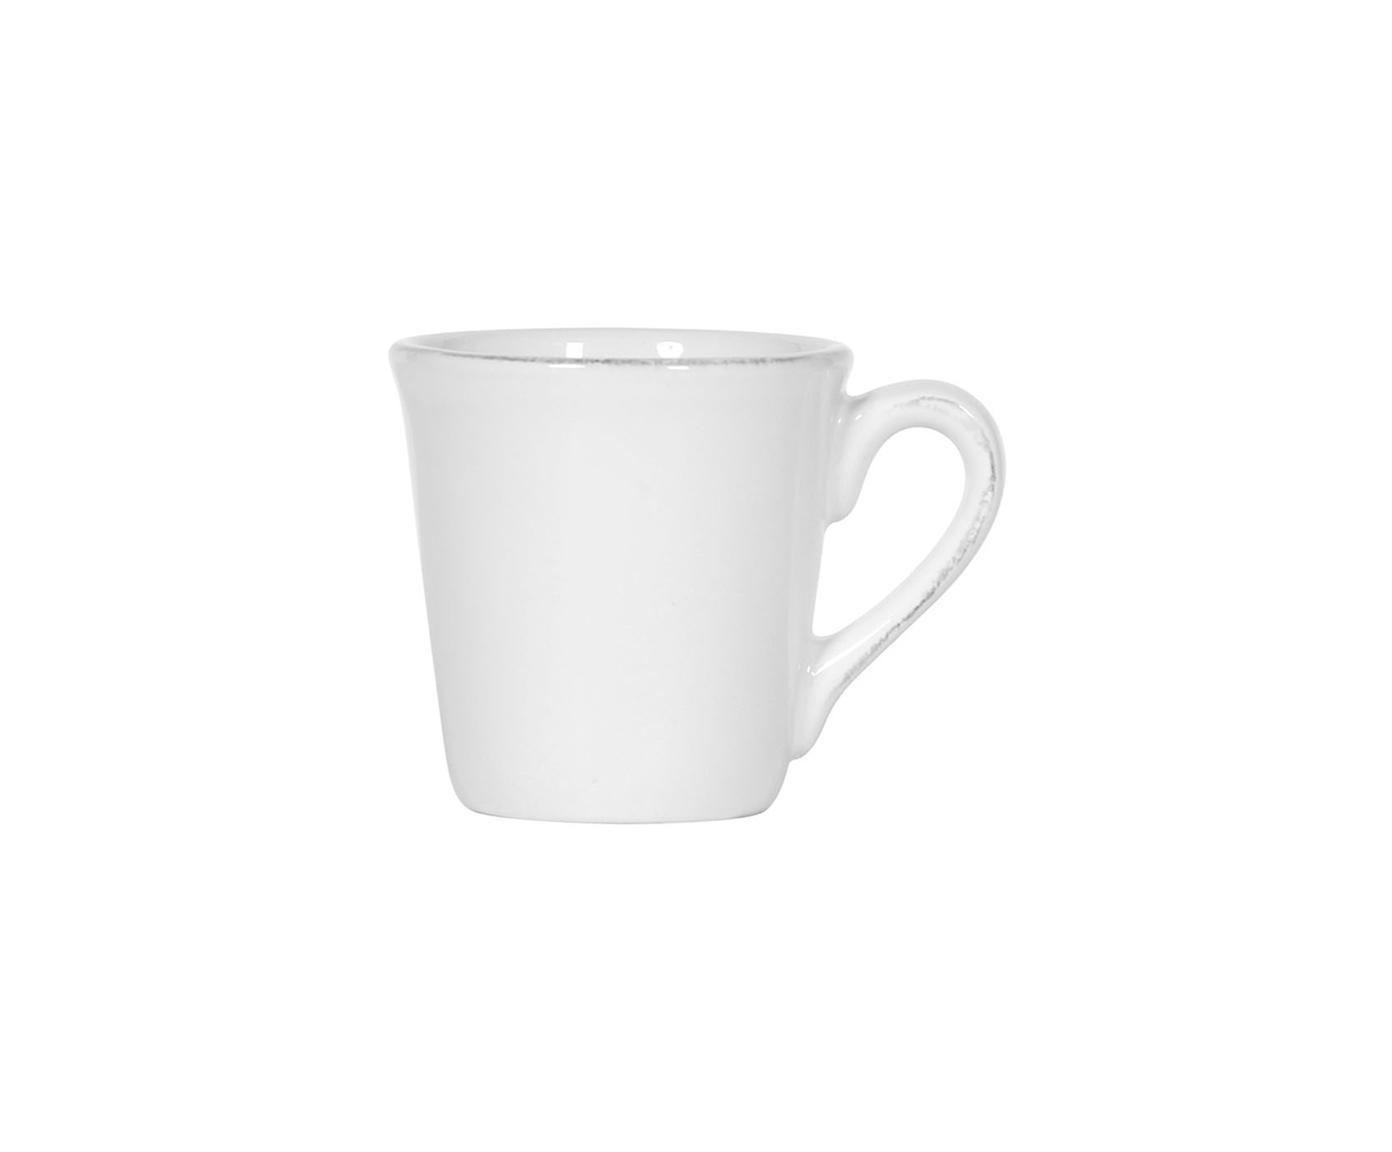 Tazzina caffè in bianco Constance 2 pz, Ceramica, Bianco, Ø 8 x Alt. 6 cm